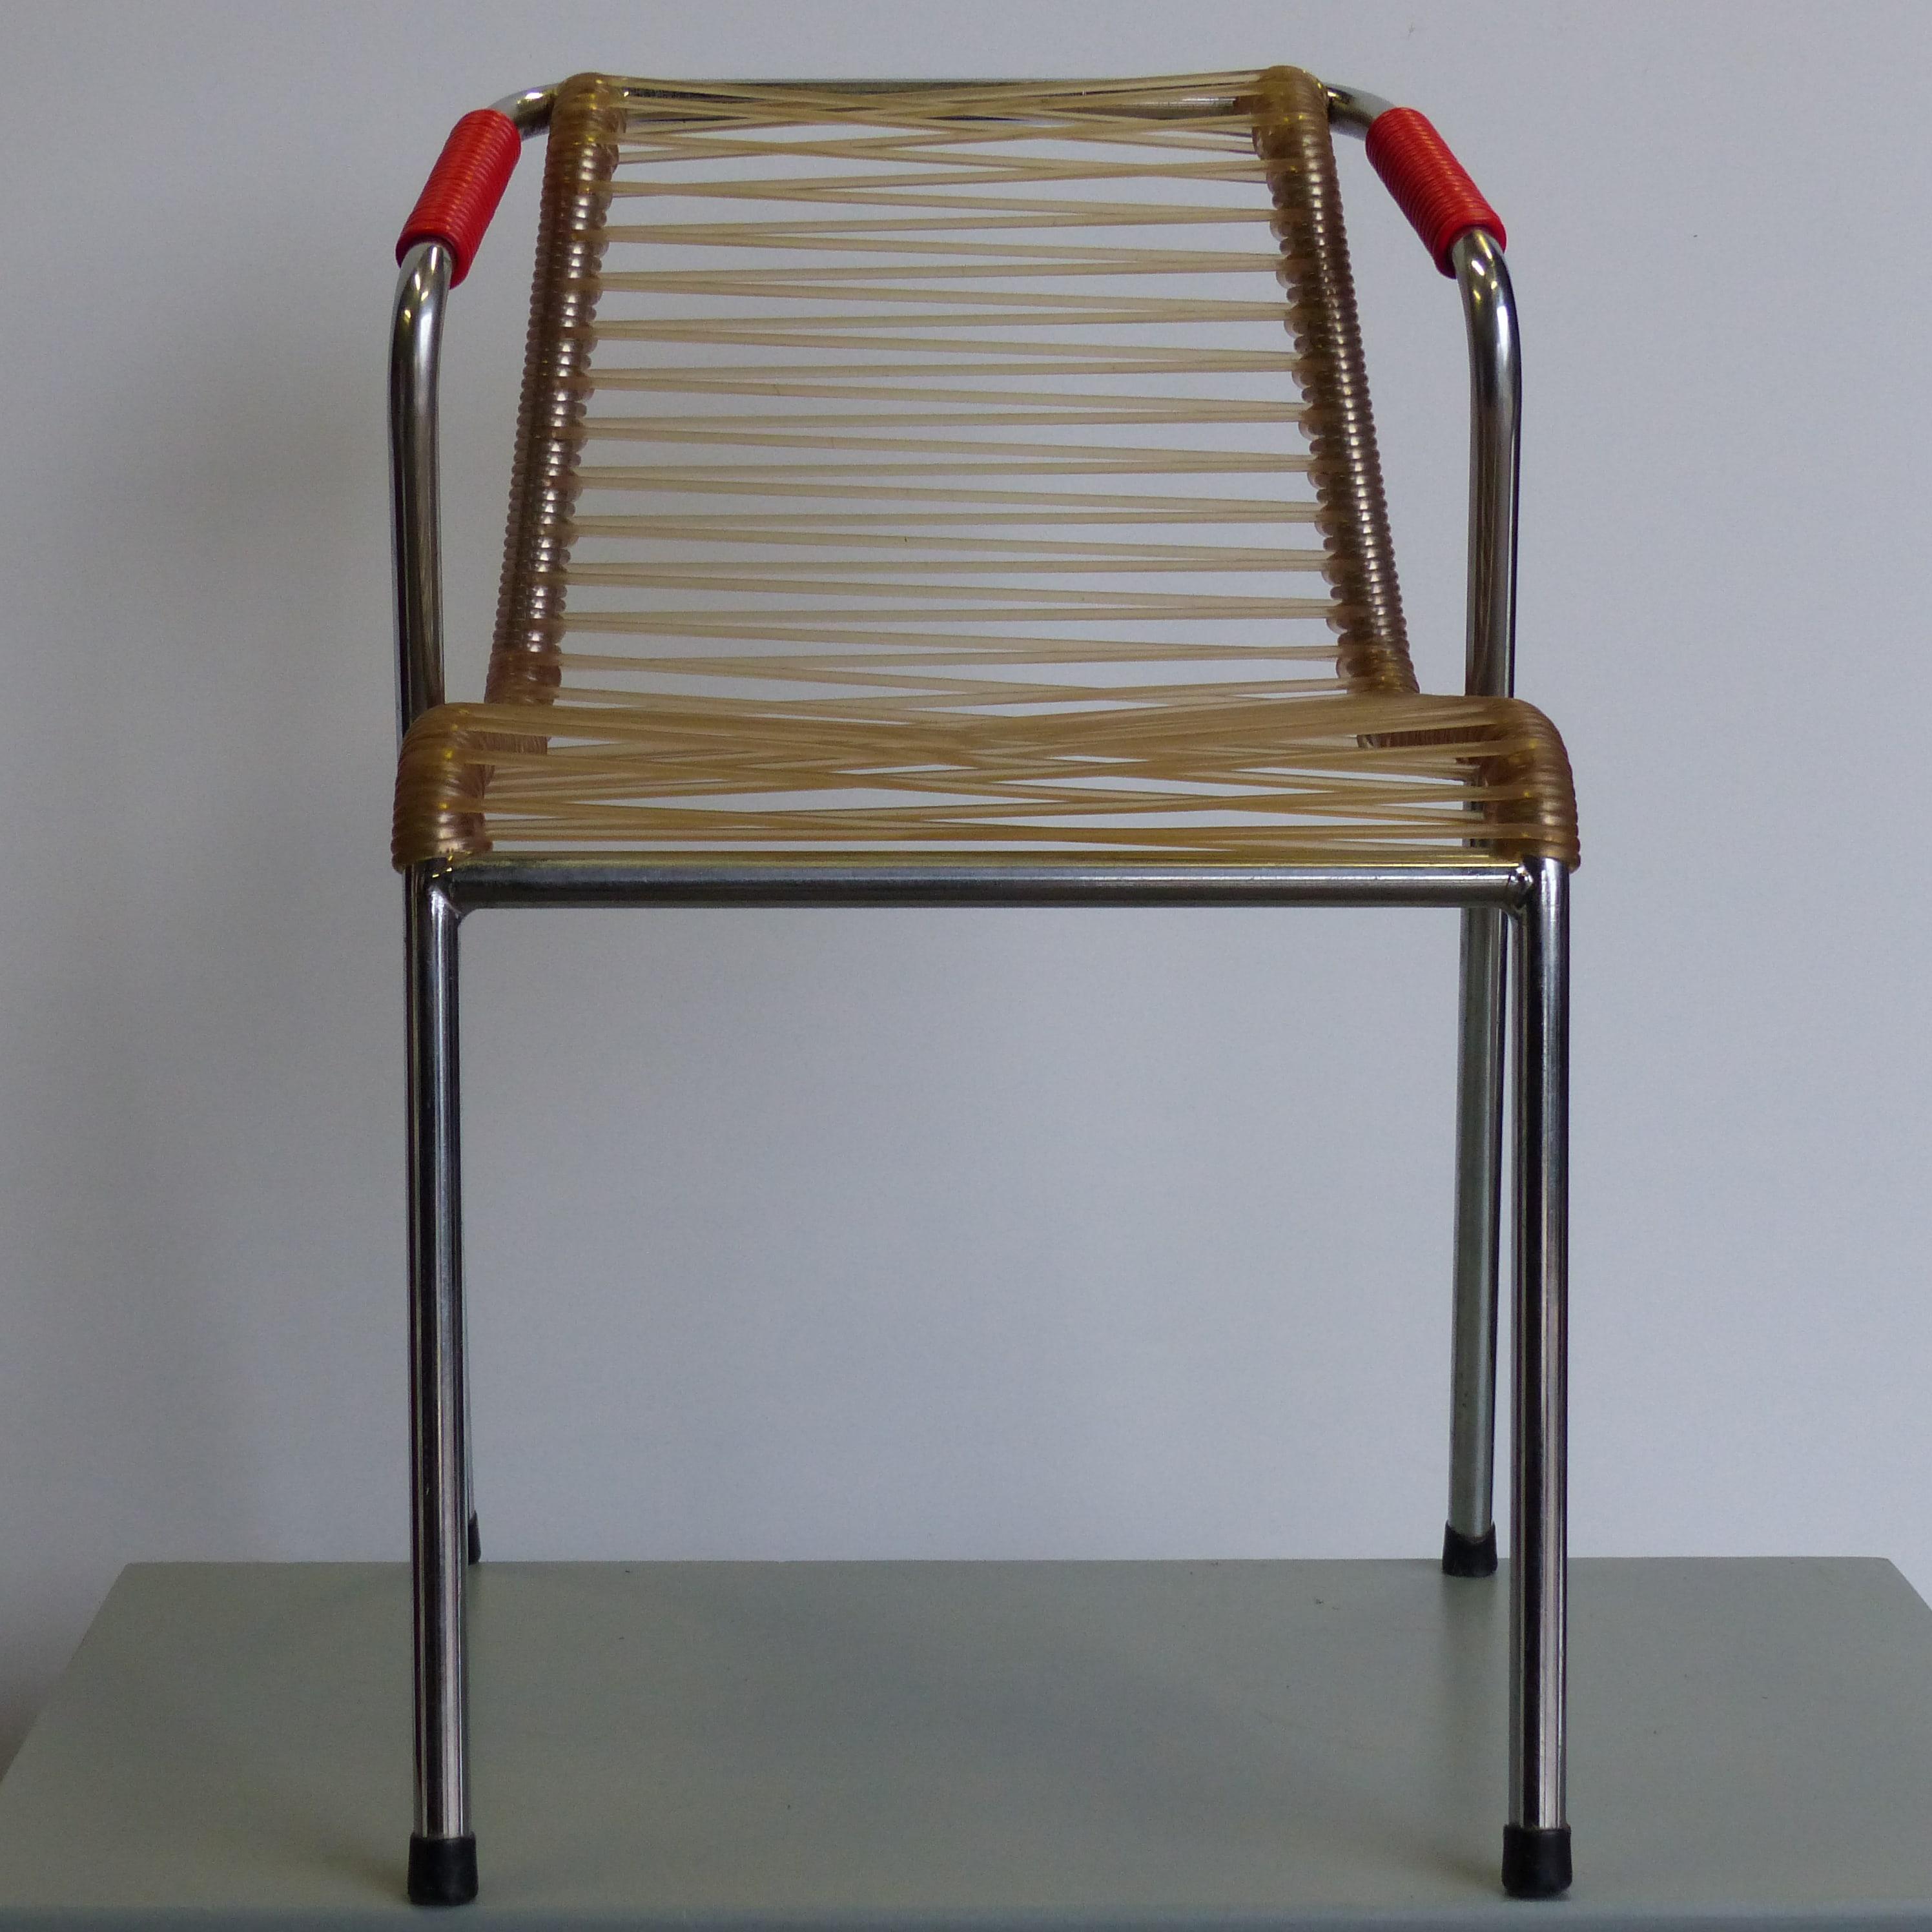 fauteuil scoubidou vintage pour enfant lignedebrocante brocante en ligne chine pour vous. Black Bedroom Furniture Sets. Home Design Ideas